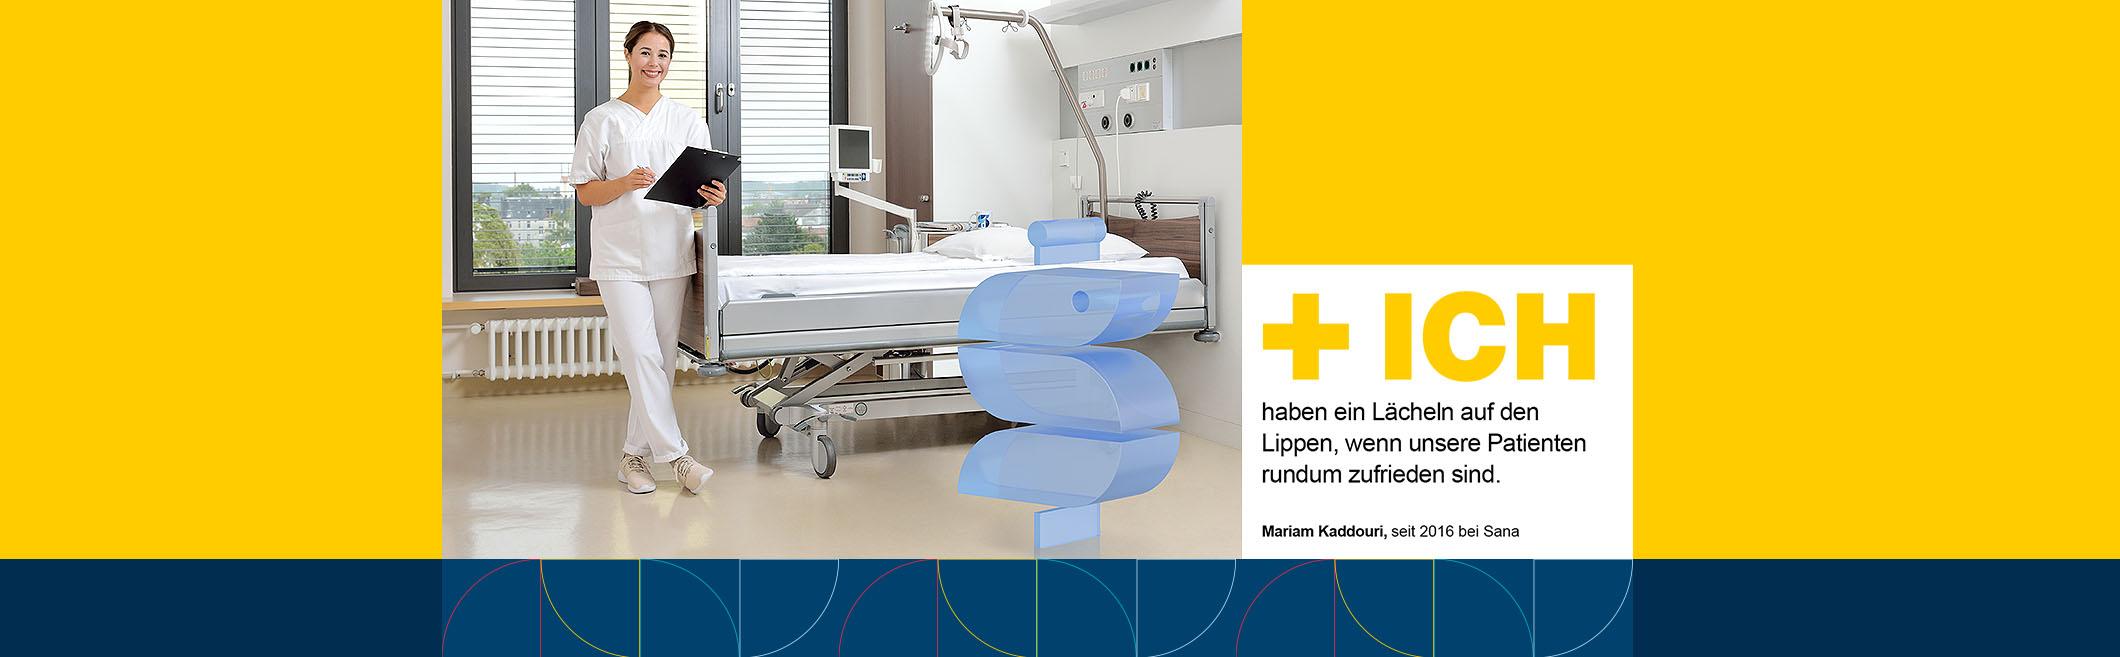 gesundheits und krankenpfleger m w d f r unsere intensivstation ii jobangebot sana. Black Bedroom Furniture Sets. Home Design Ideas